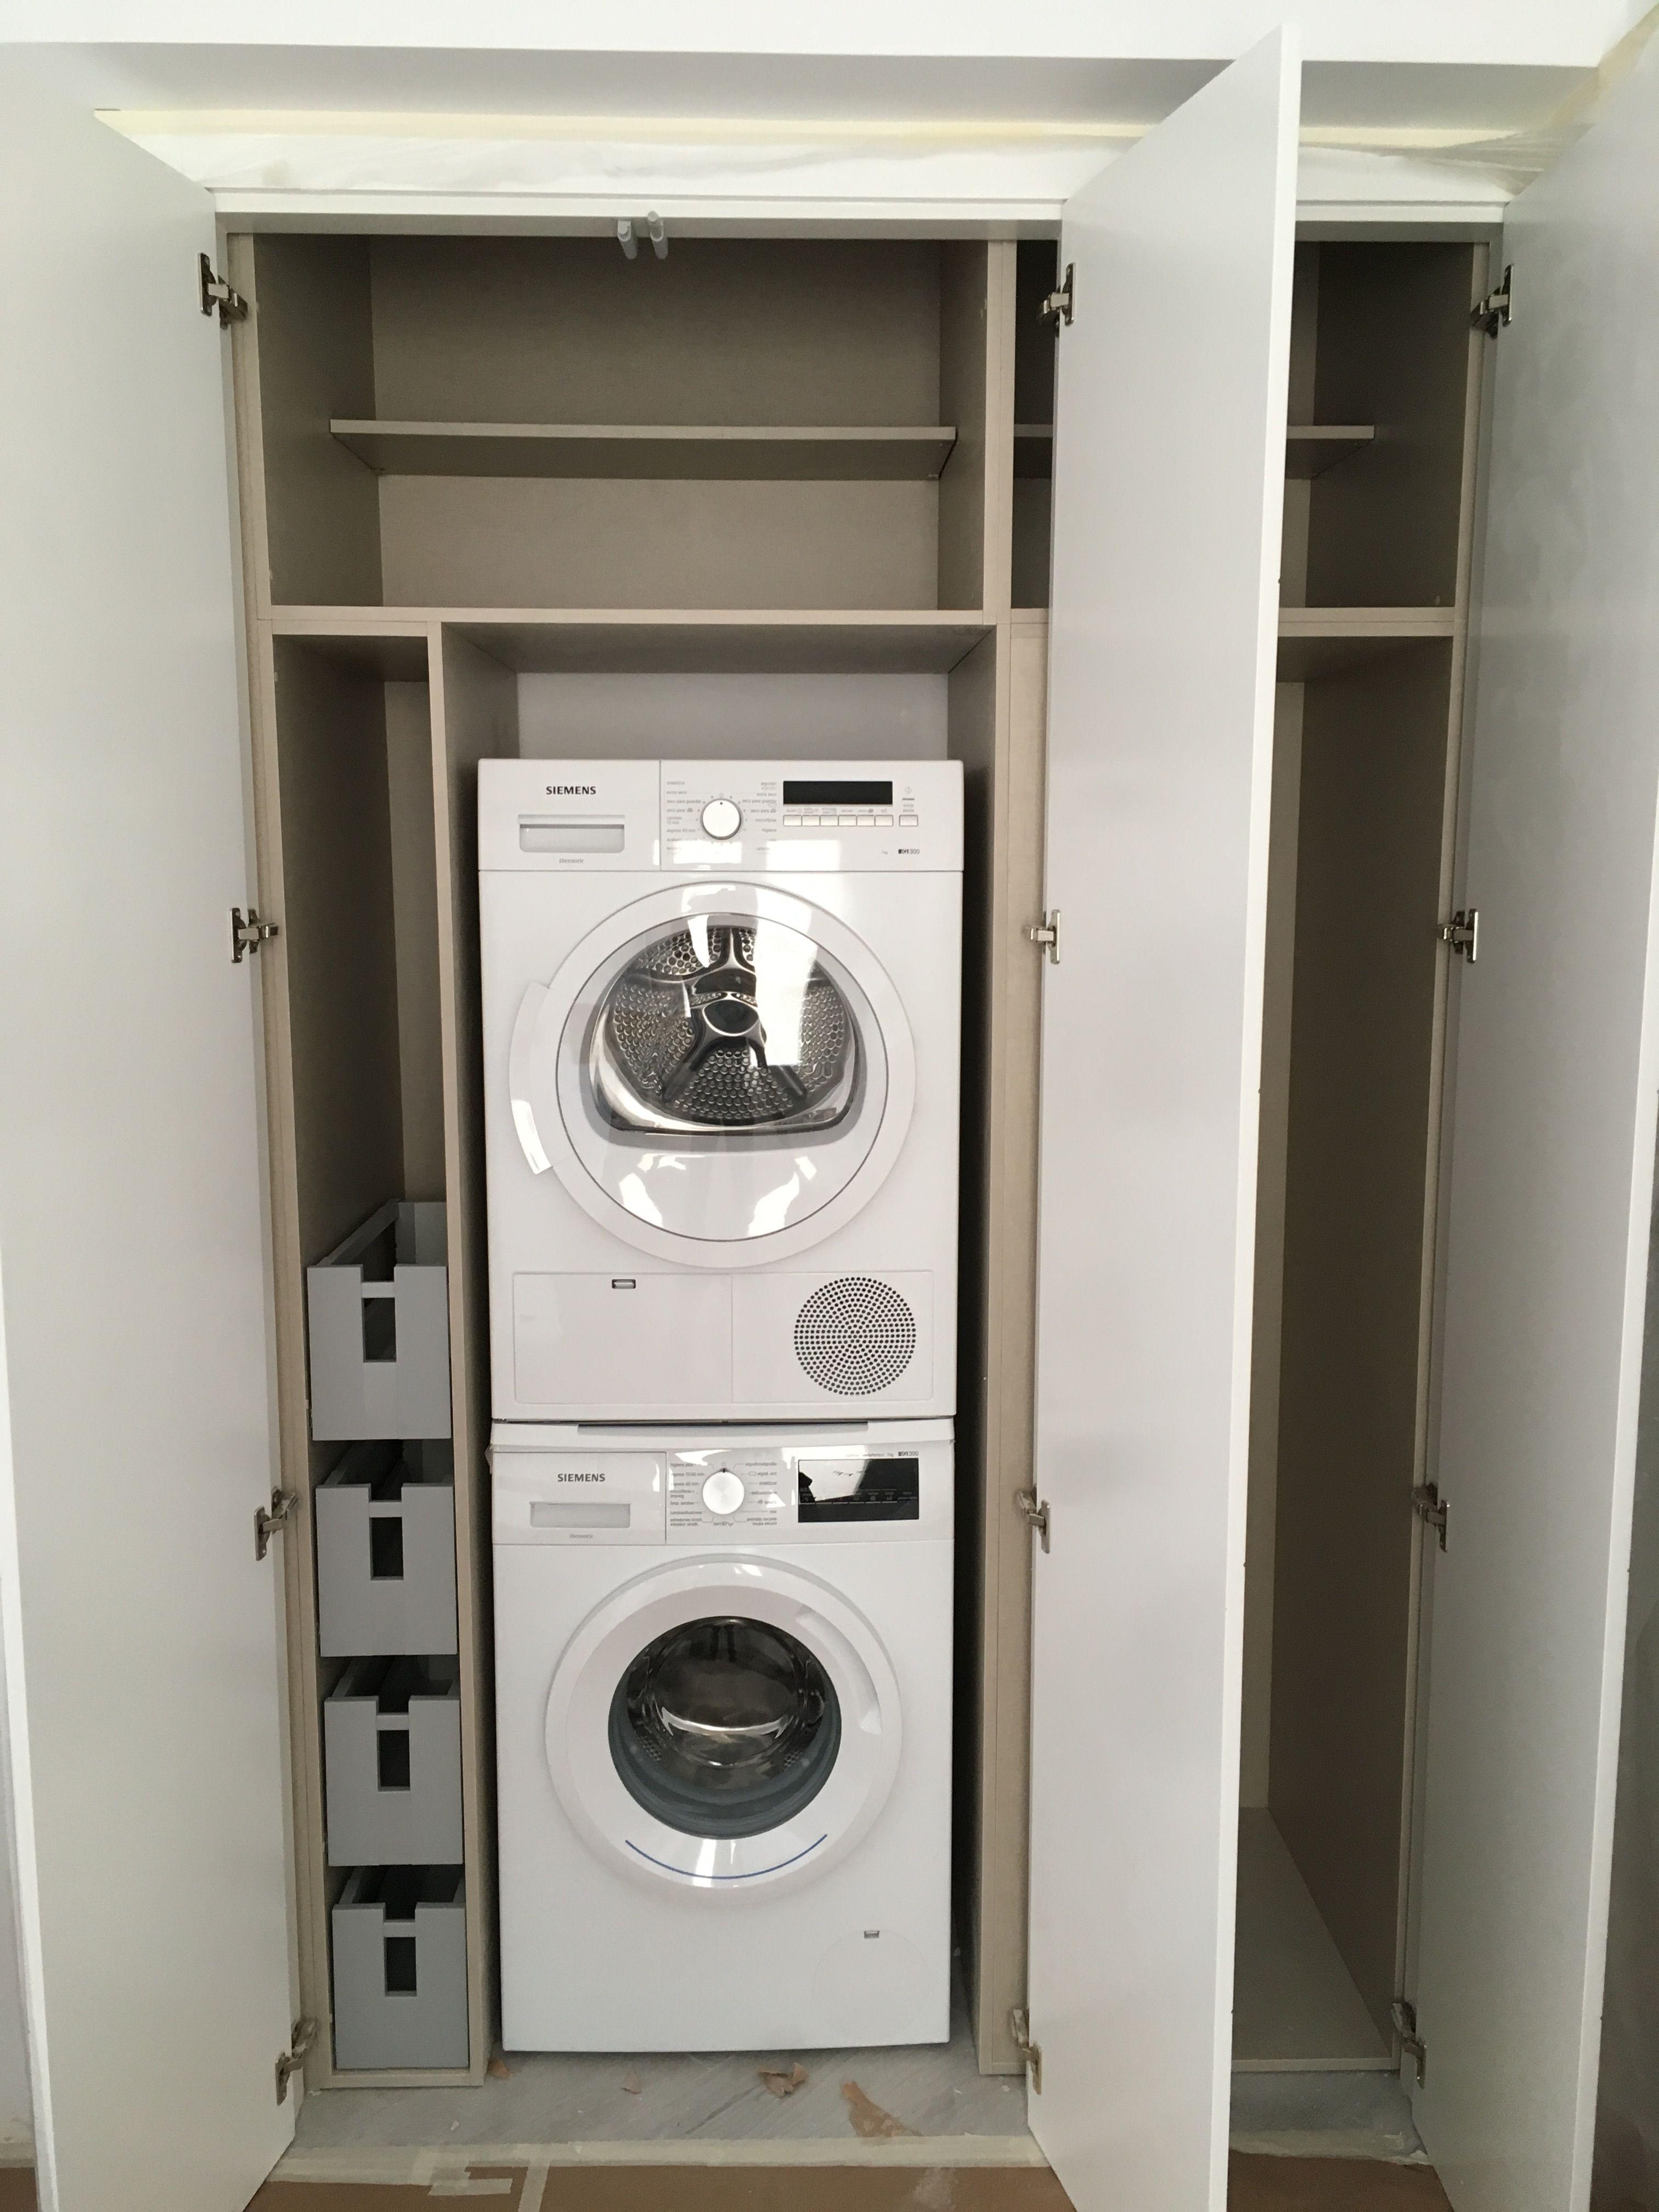 Armario Fabricado Para Ocultar Lavadora Y Secadora Armario Para Lavadora Mueble Para Lavadora Armario De Lavanderia